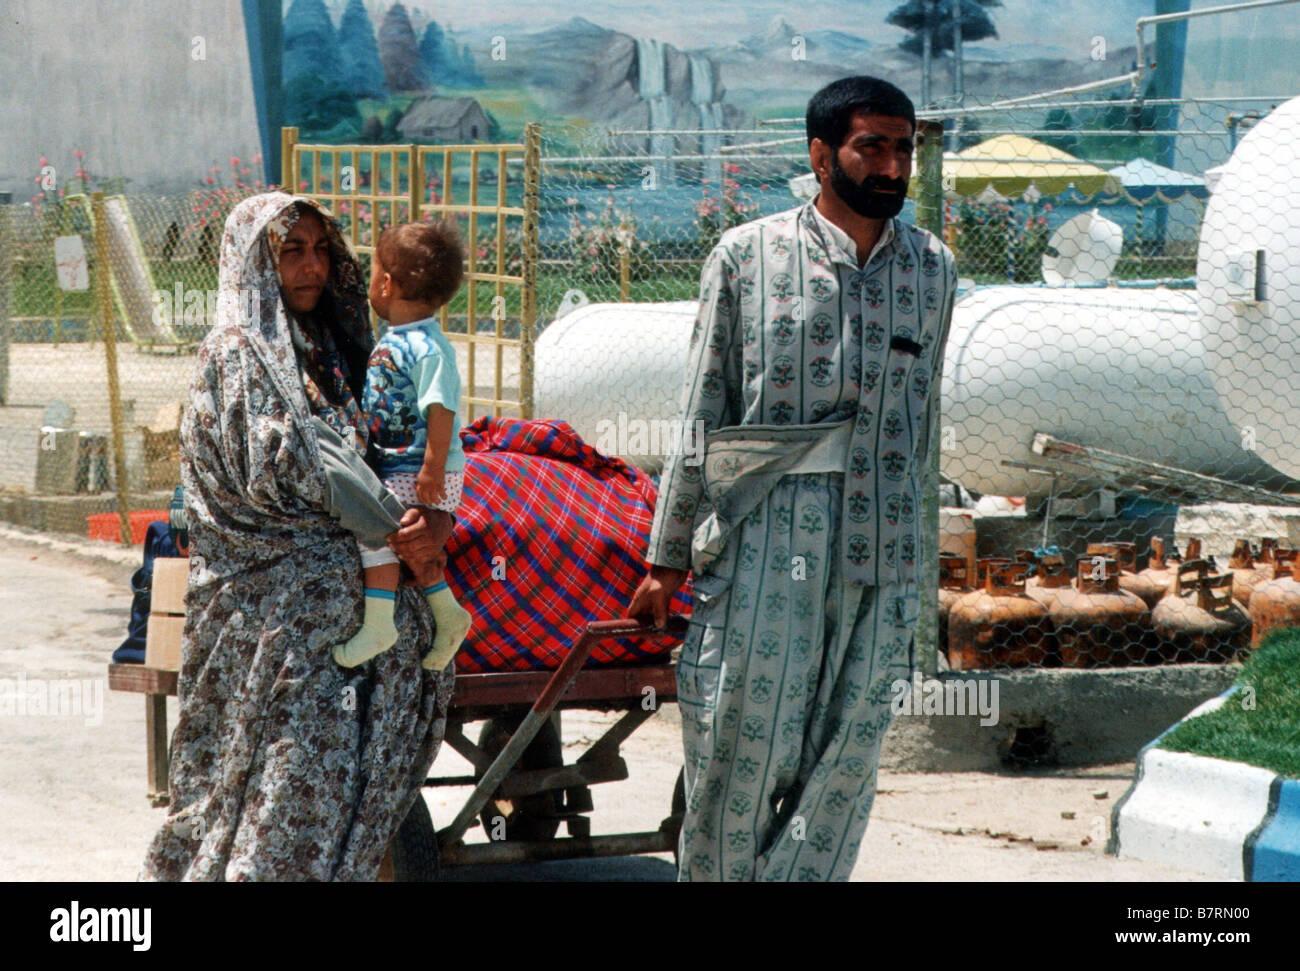 GAGOOMAN The Twilight  Year: 2002 - iran Director: Mohammad Rasoulof Iran 2002 - Stock Image